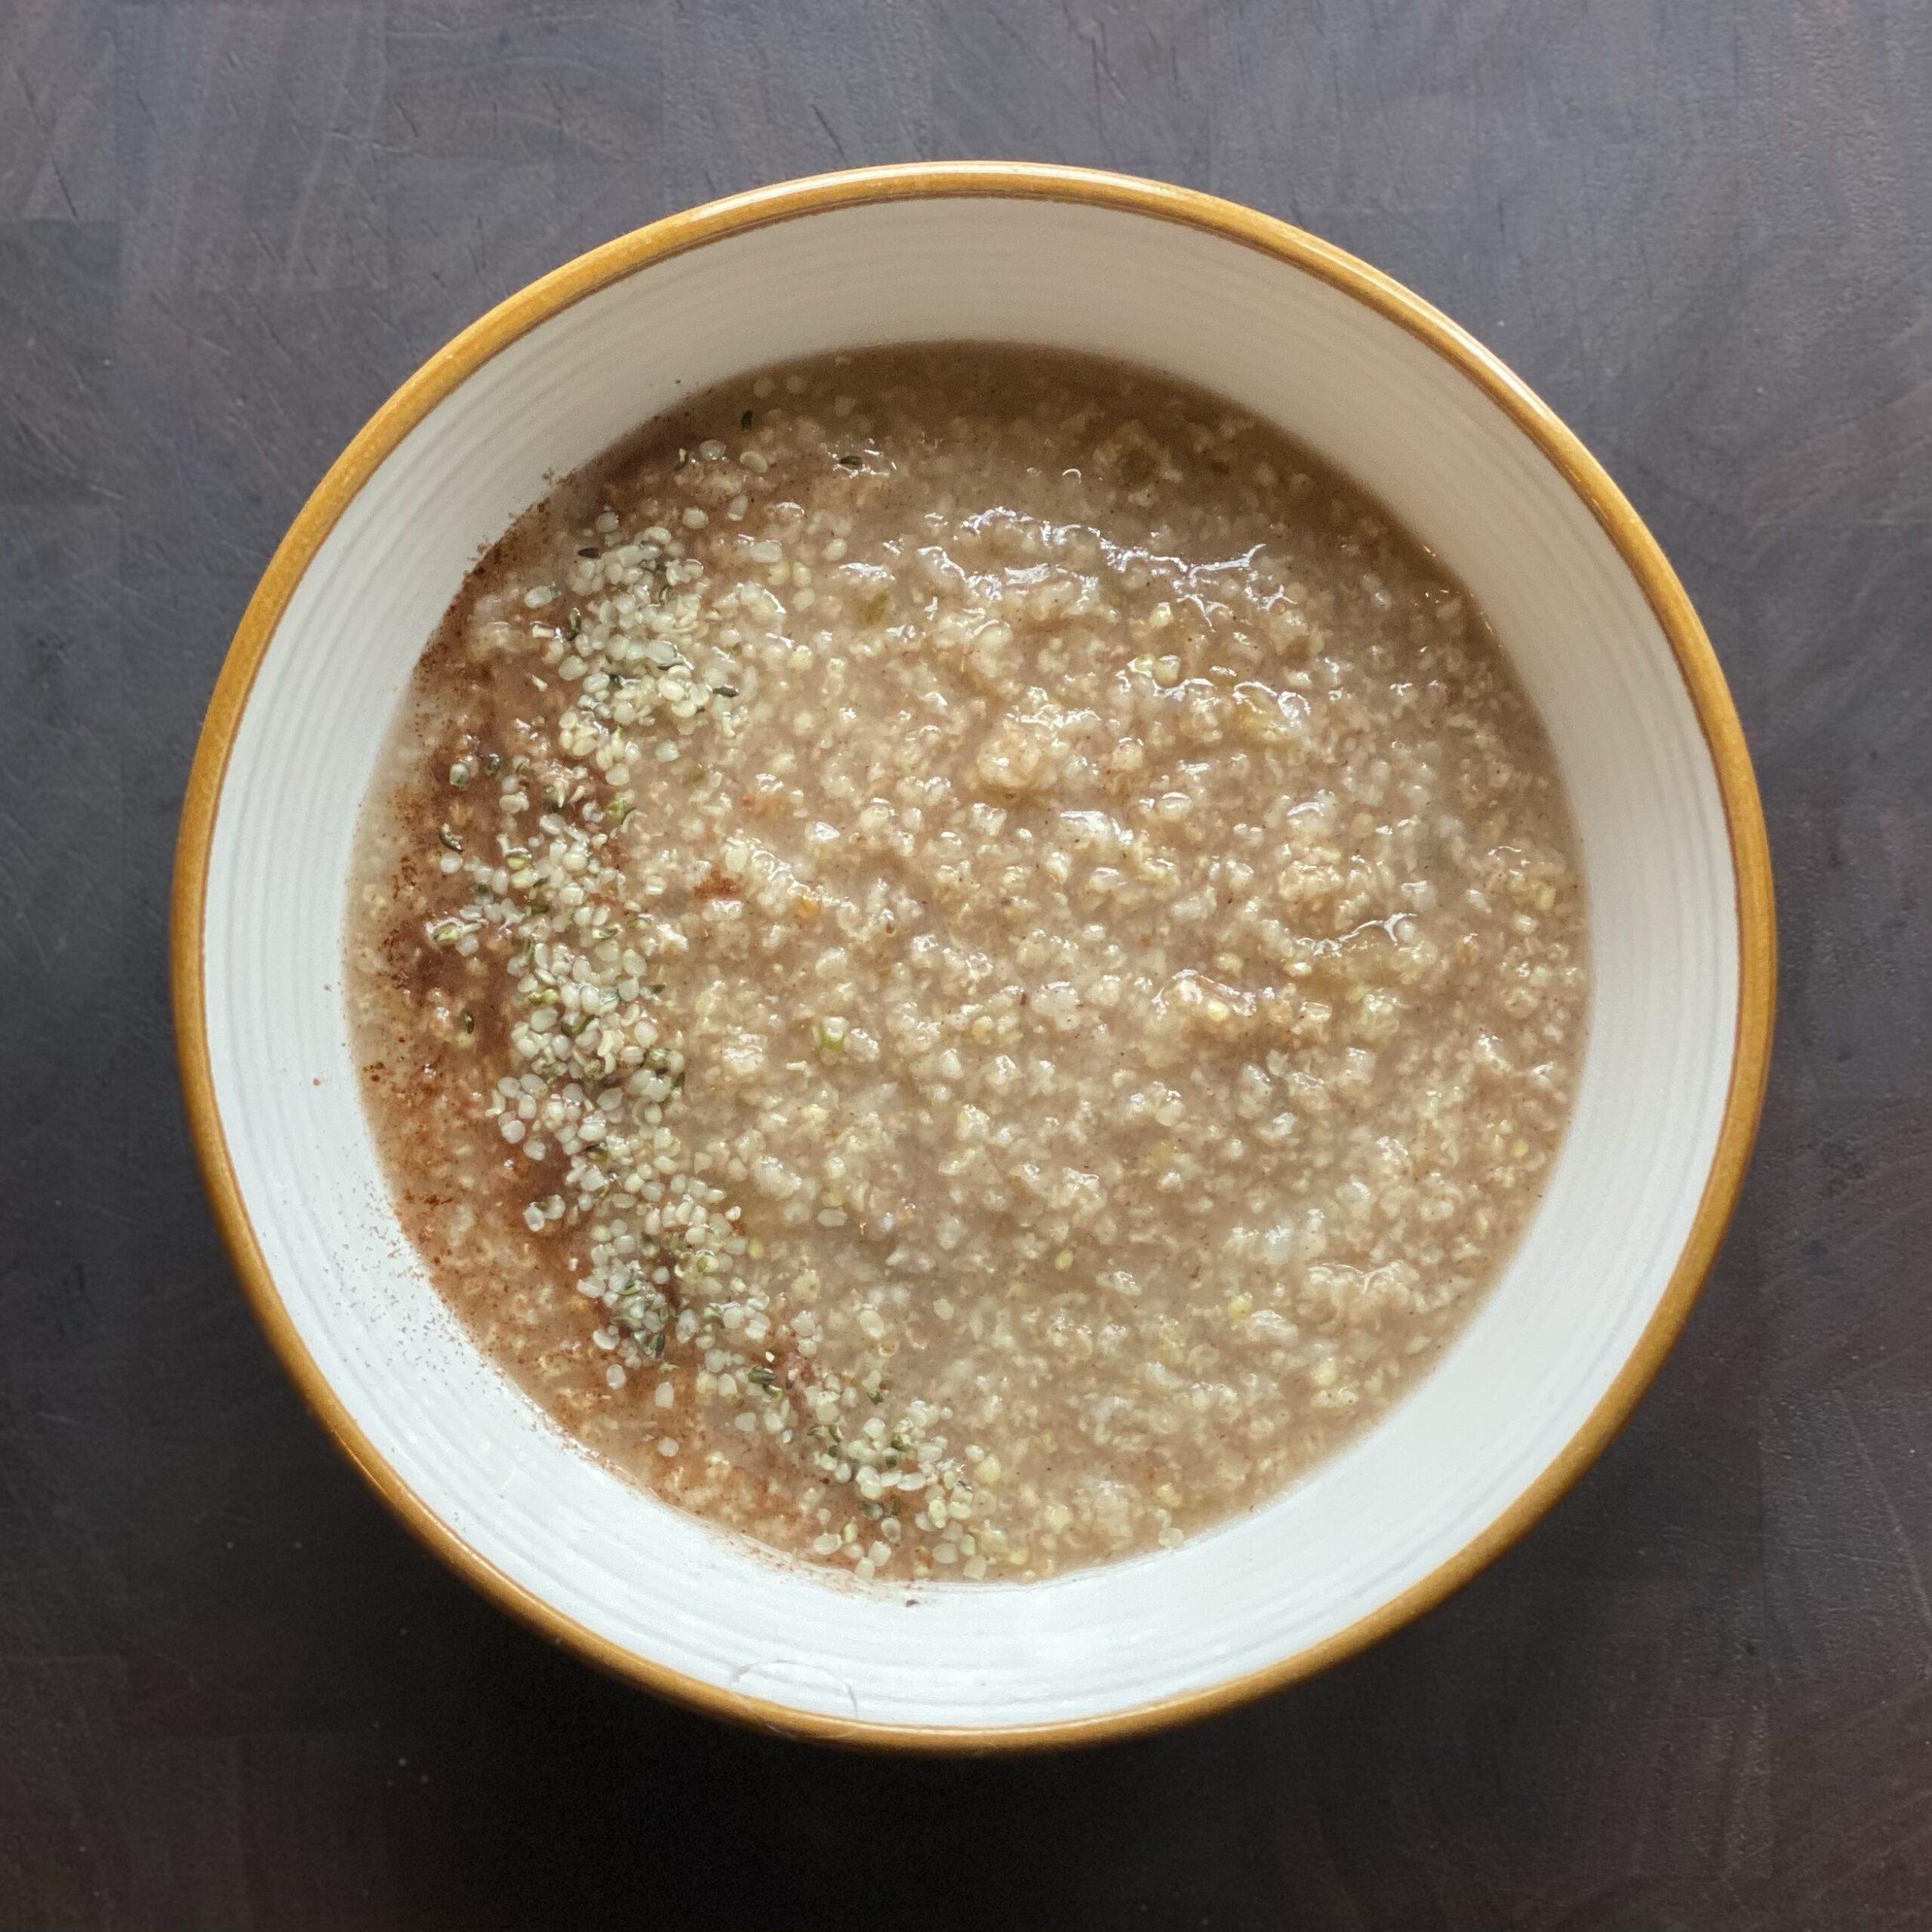 Overnight Millet Porridge (Millet Congee)